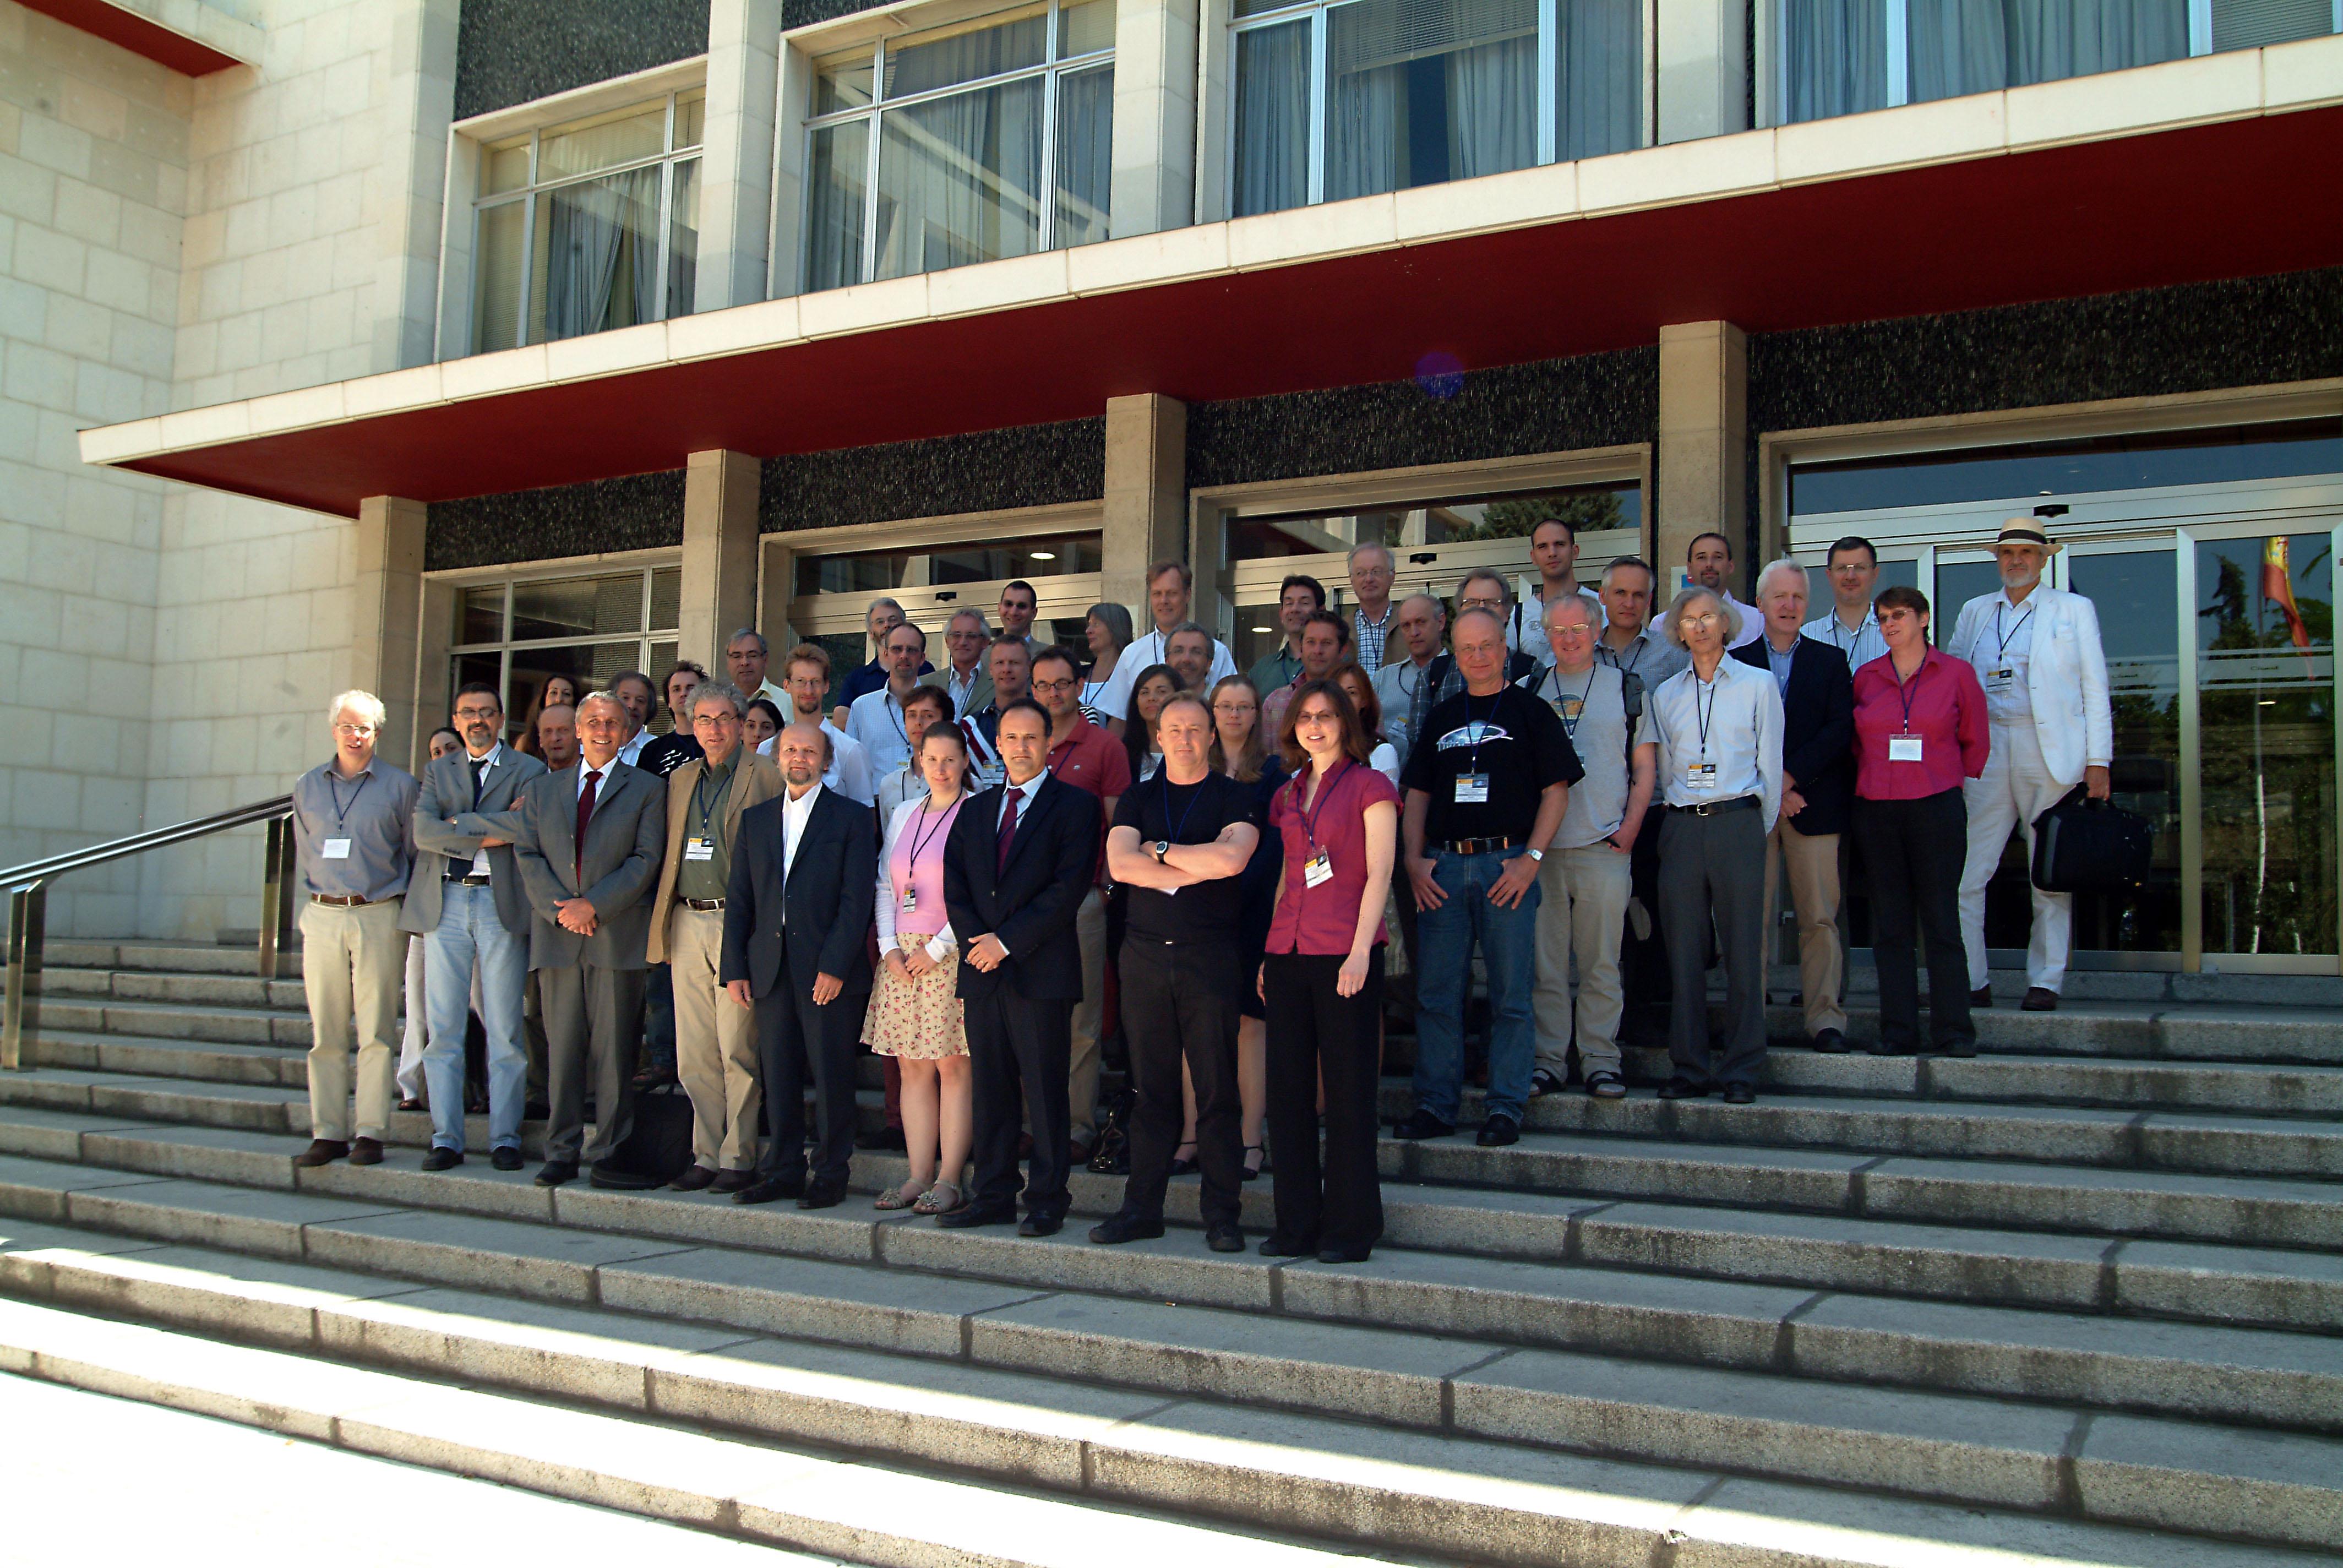 TIARA general mid-term meeting held at CIEMAT, Madrid, June 12-14